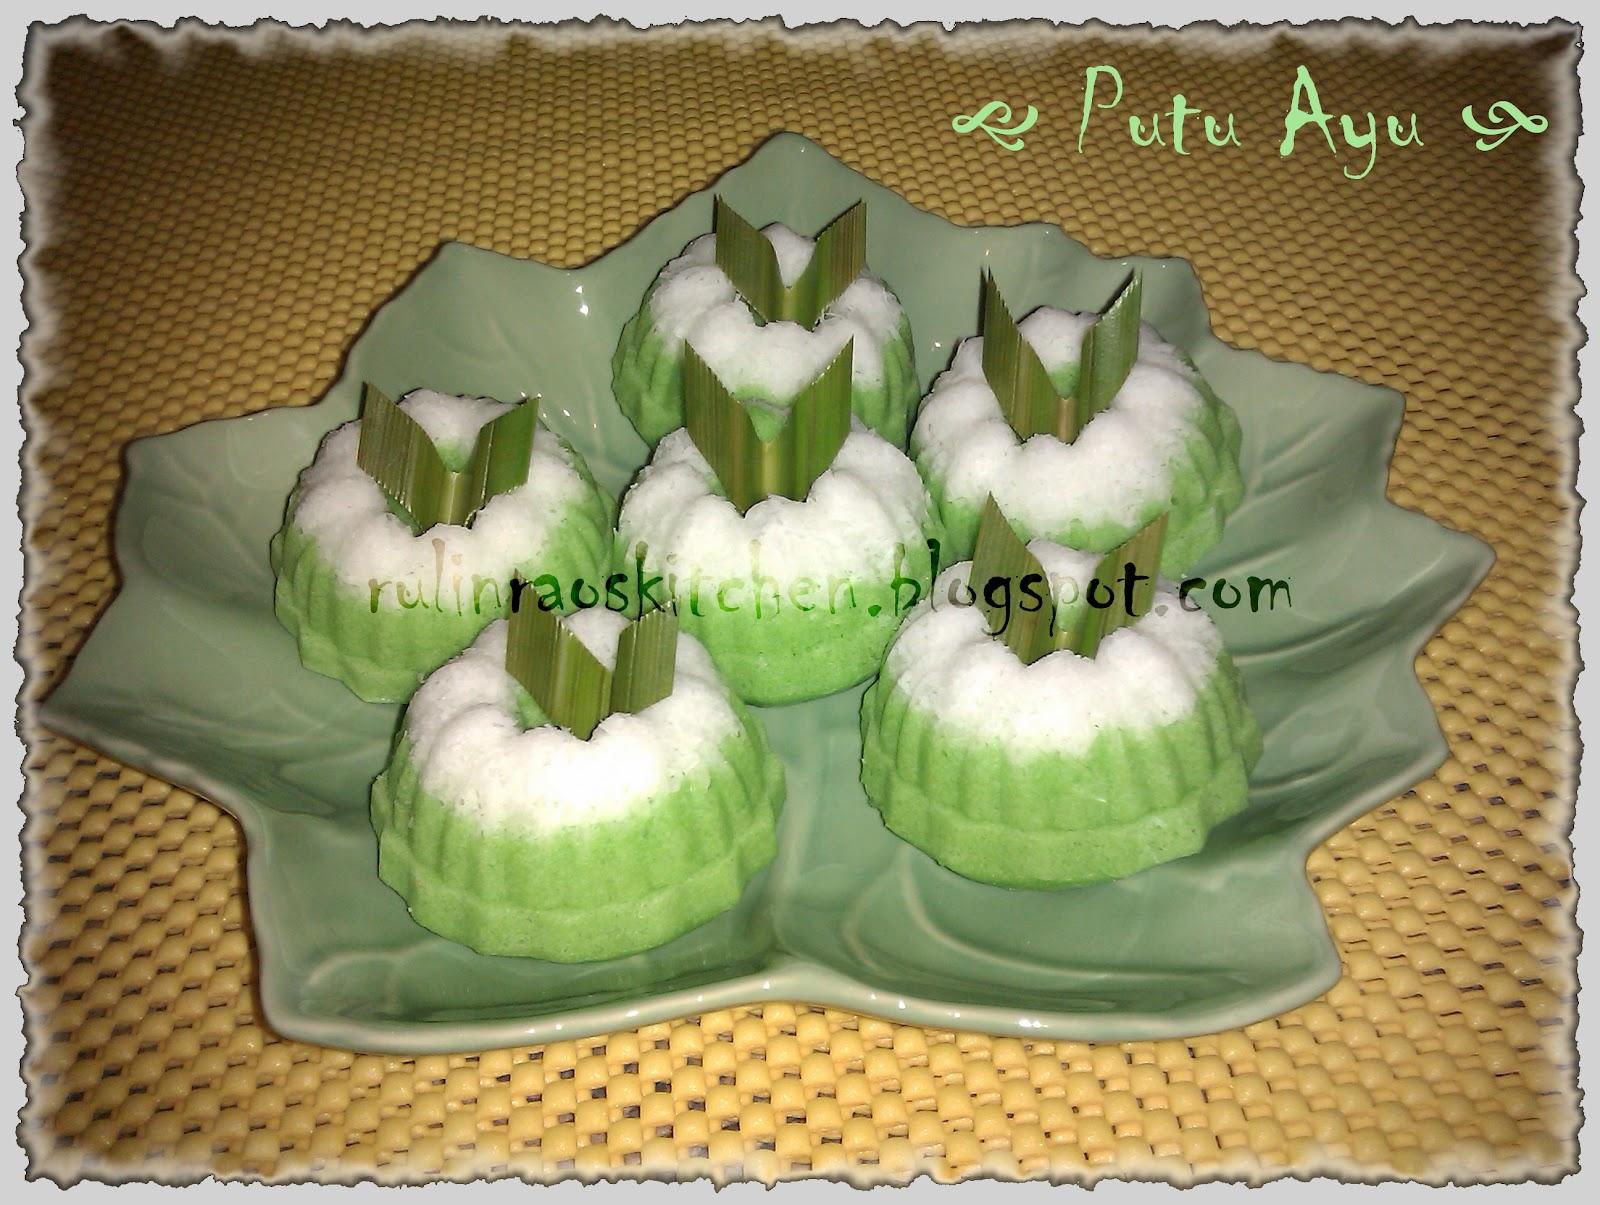 Rulin Raos Kitchen 2012 Kacang Ayu 1kg By Bali Putu